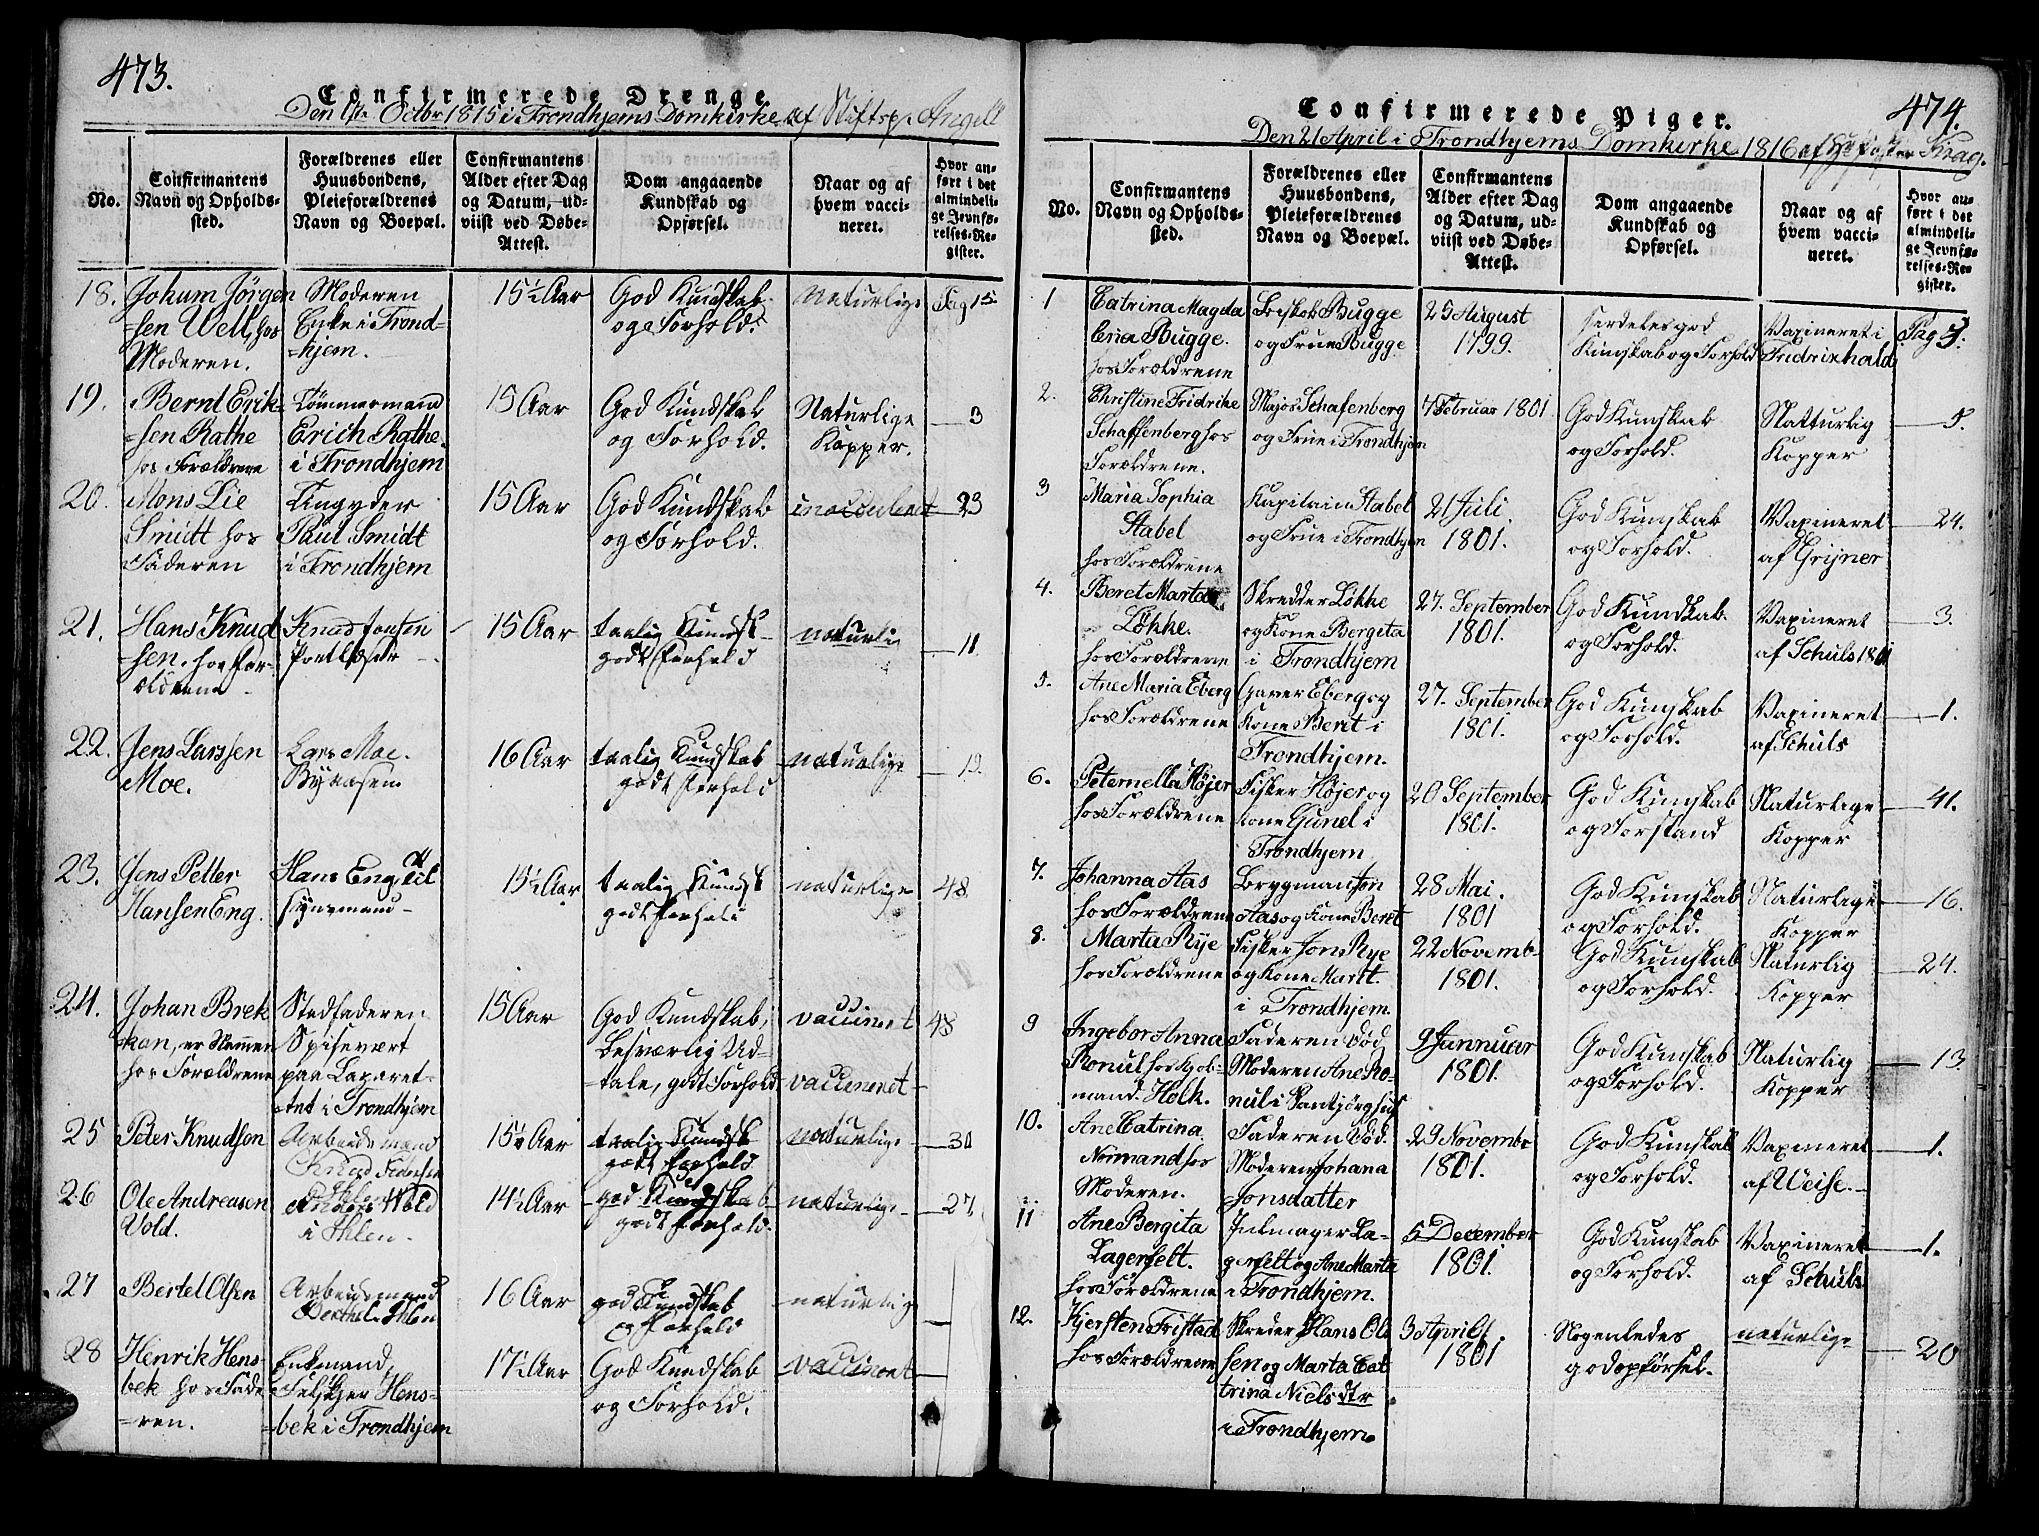 SAT, Ministerialprotokoller, klokkerbøker og fødselsregistre - Sør-Trøndelag, 601/L0043: Ministerialbok nr. 601A11, 1815-1821, s. 473-474